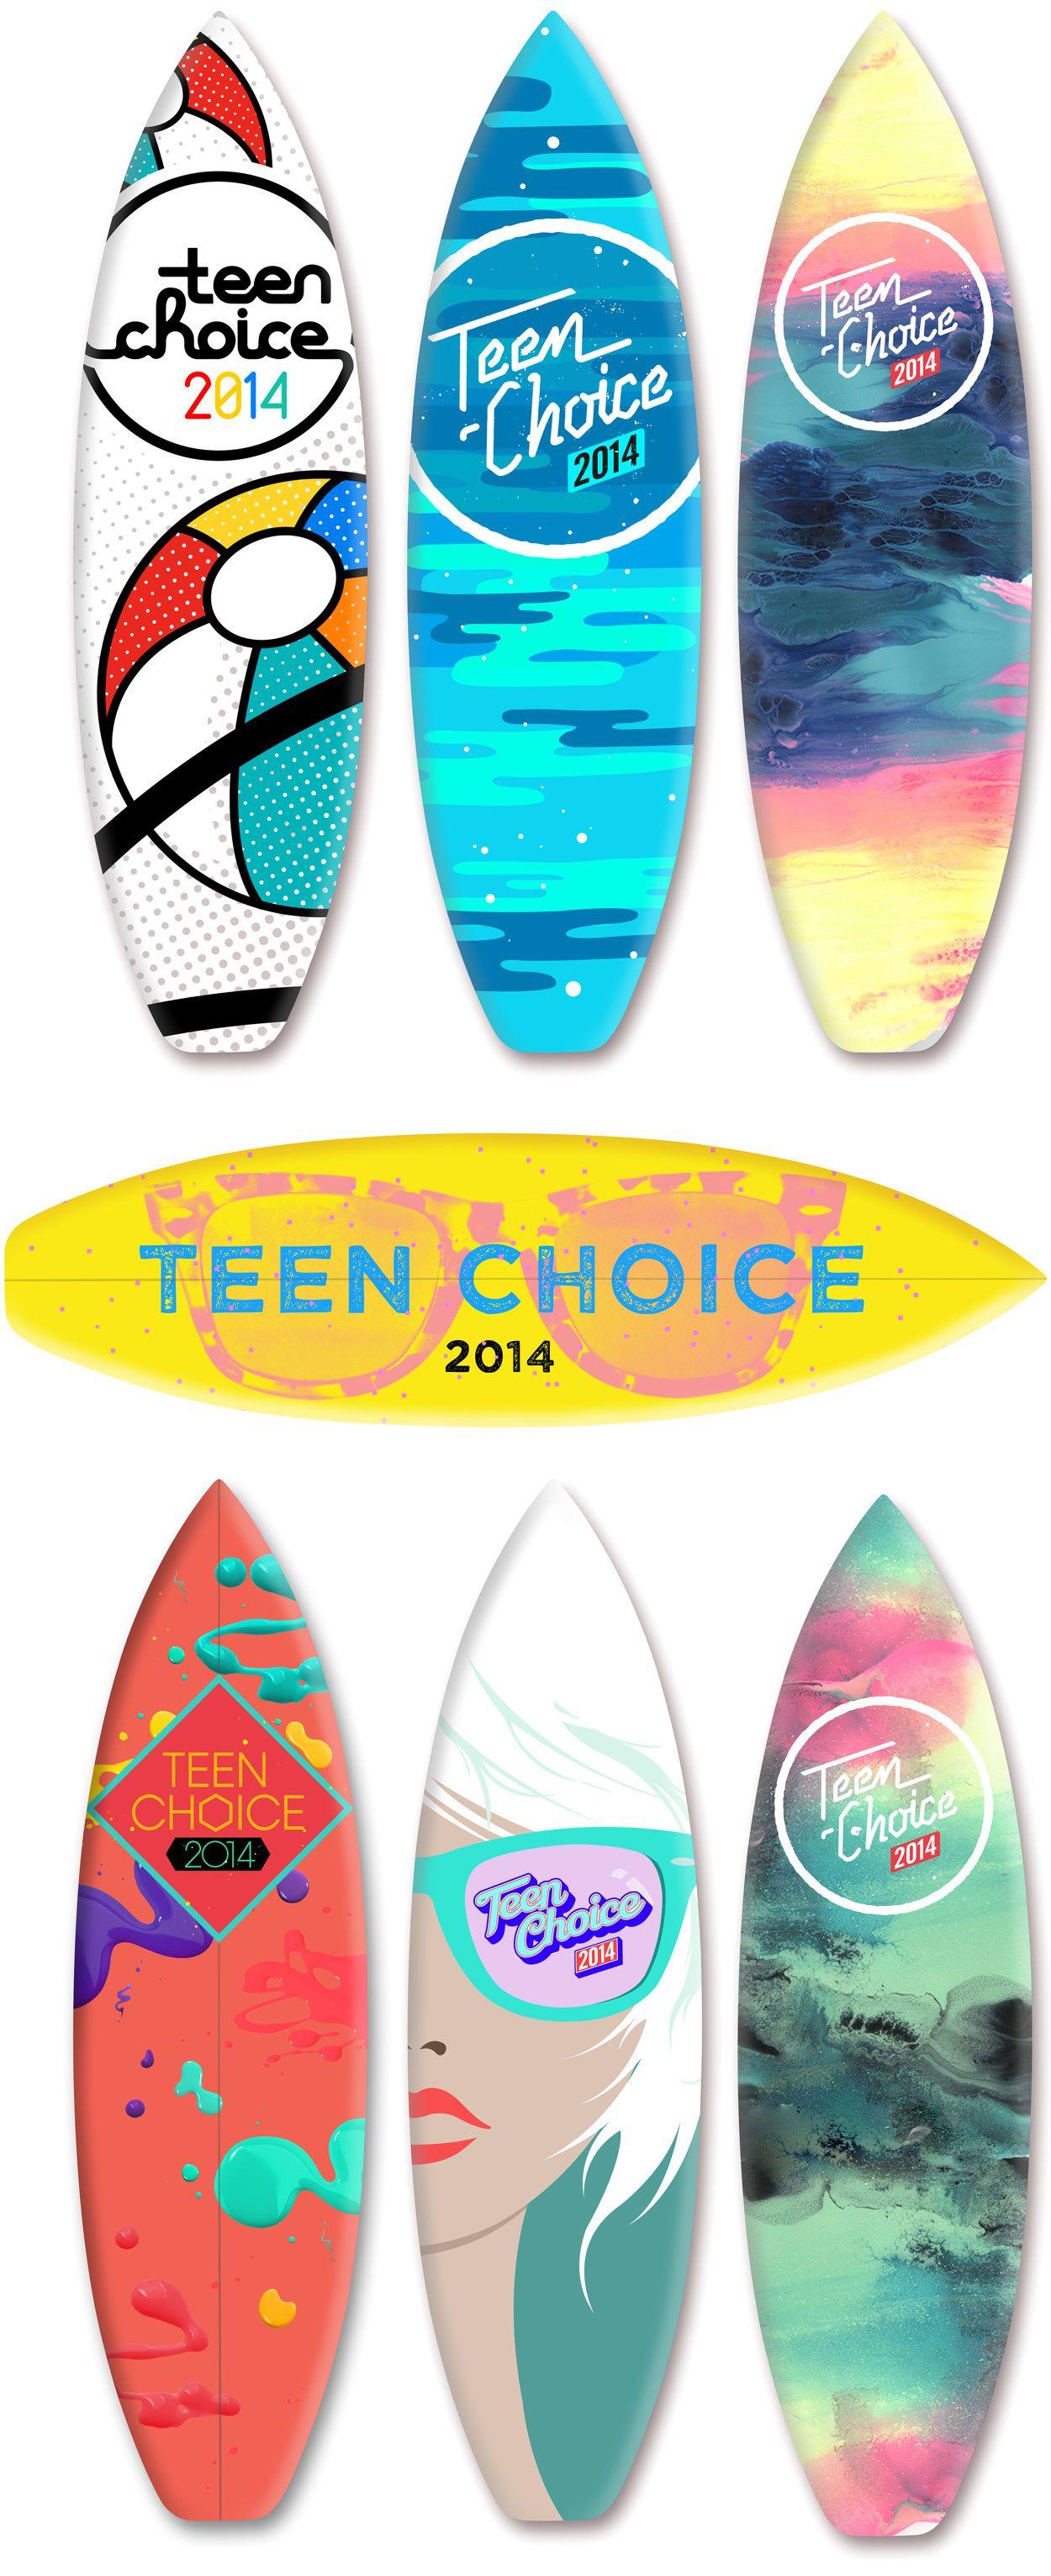 Teen Choice Awards 2014 Logo - Ben Yonda - Creative Direction/Design